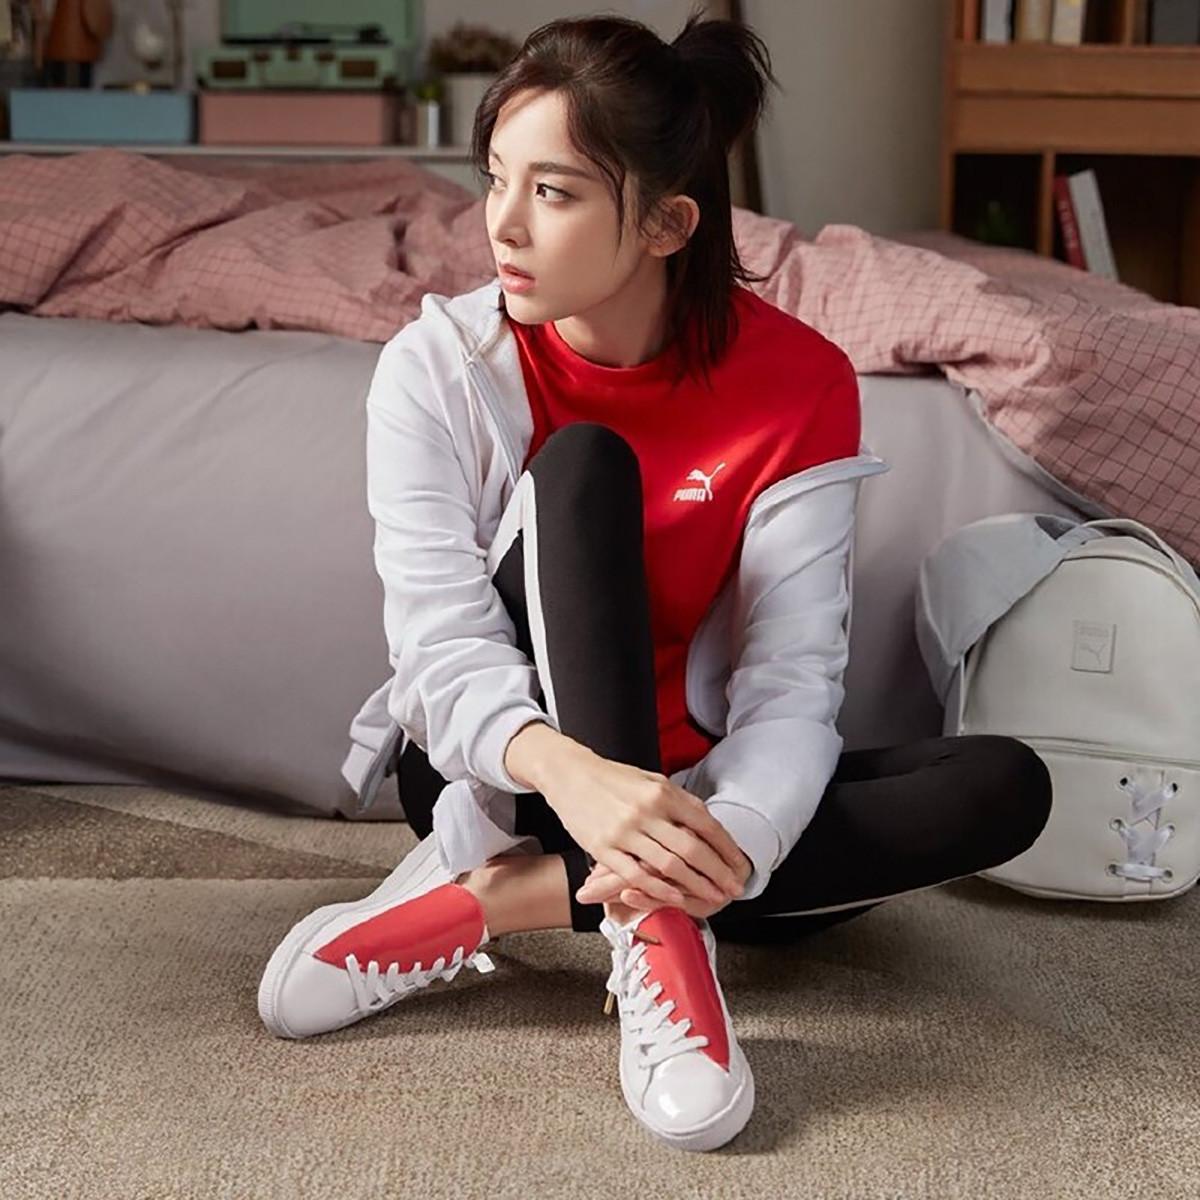 Puma 彪马 Basket Crush 女子爱心板鞋 ¥219包邮